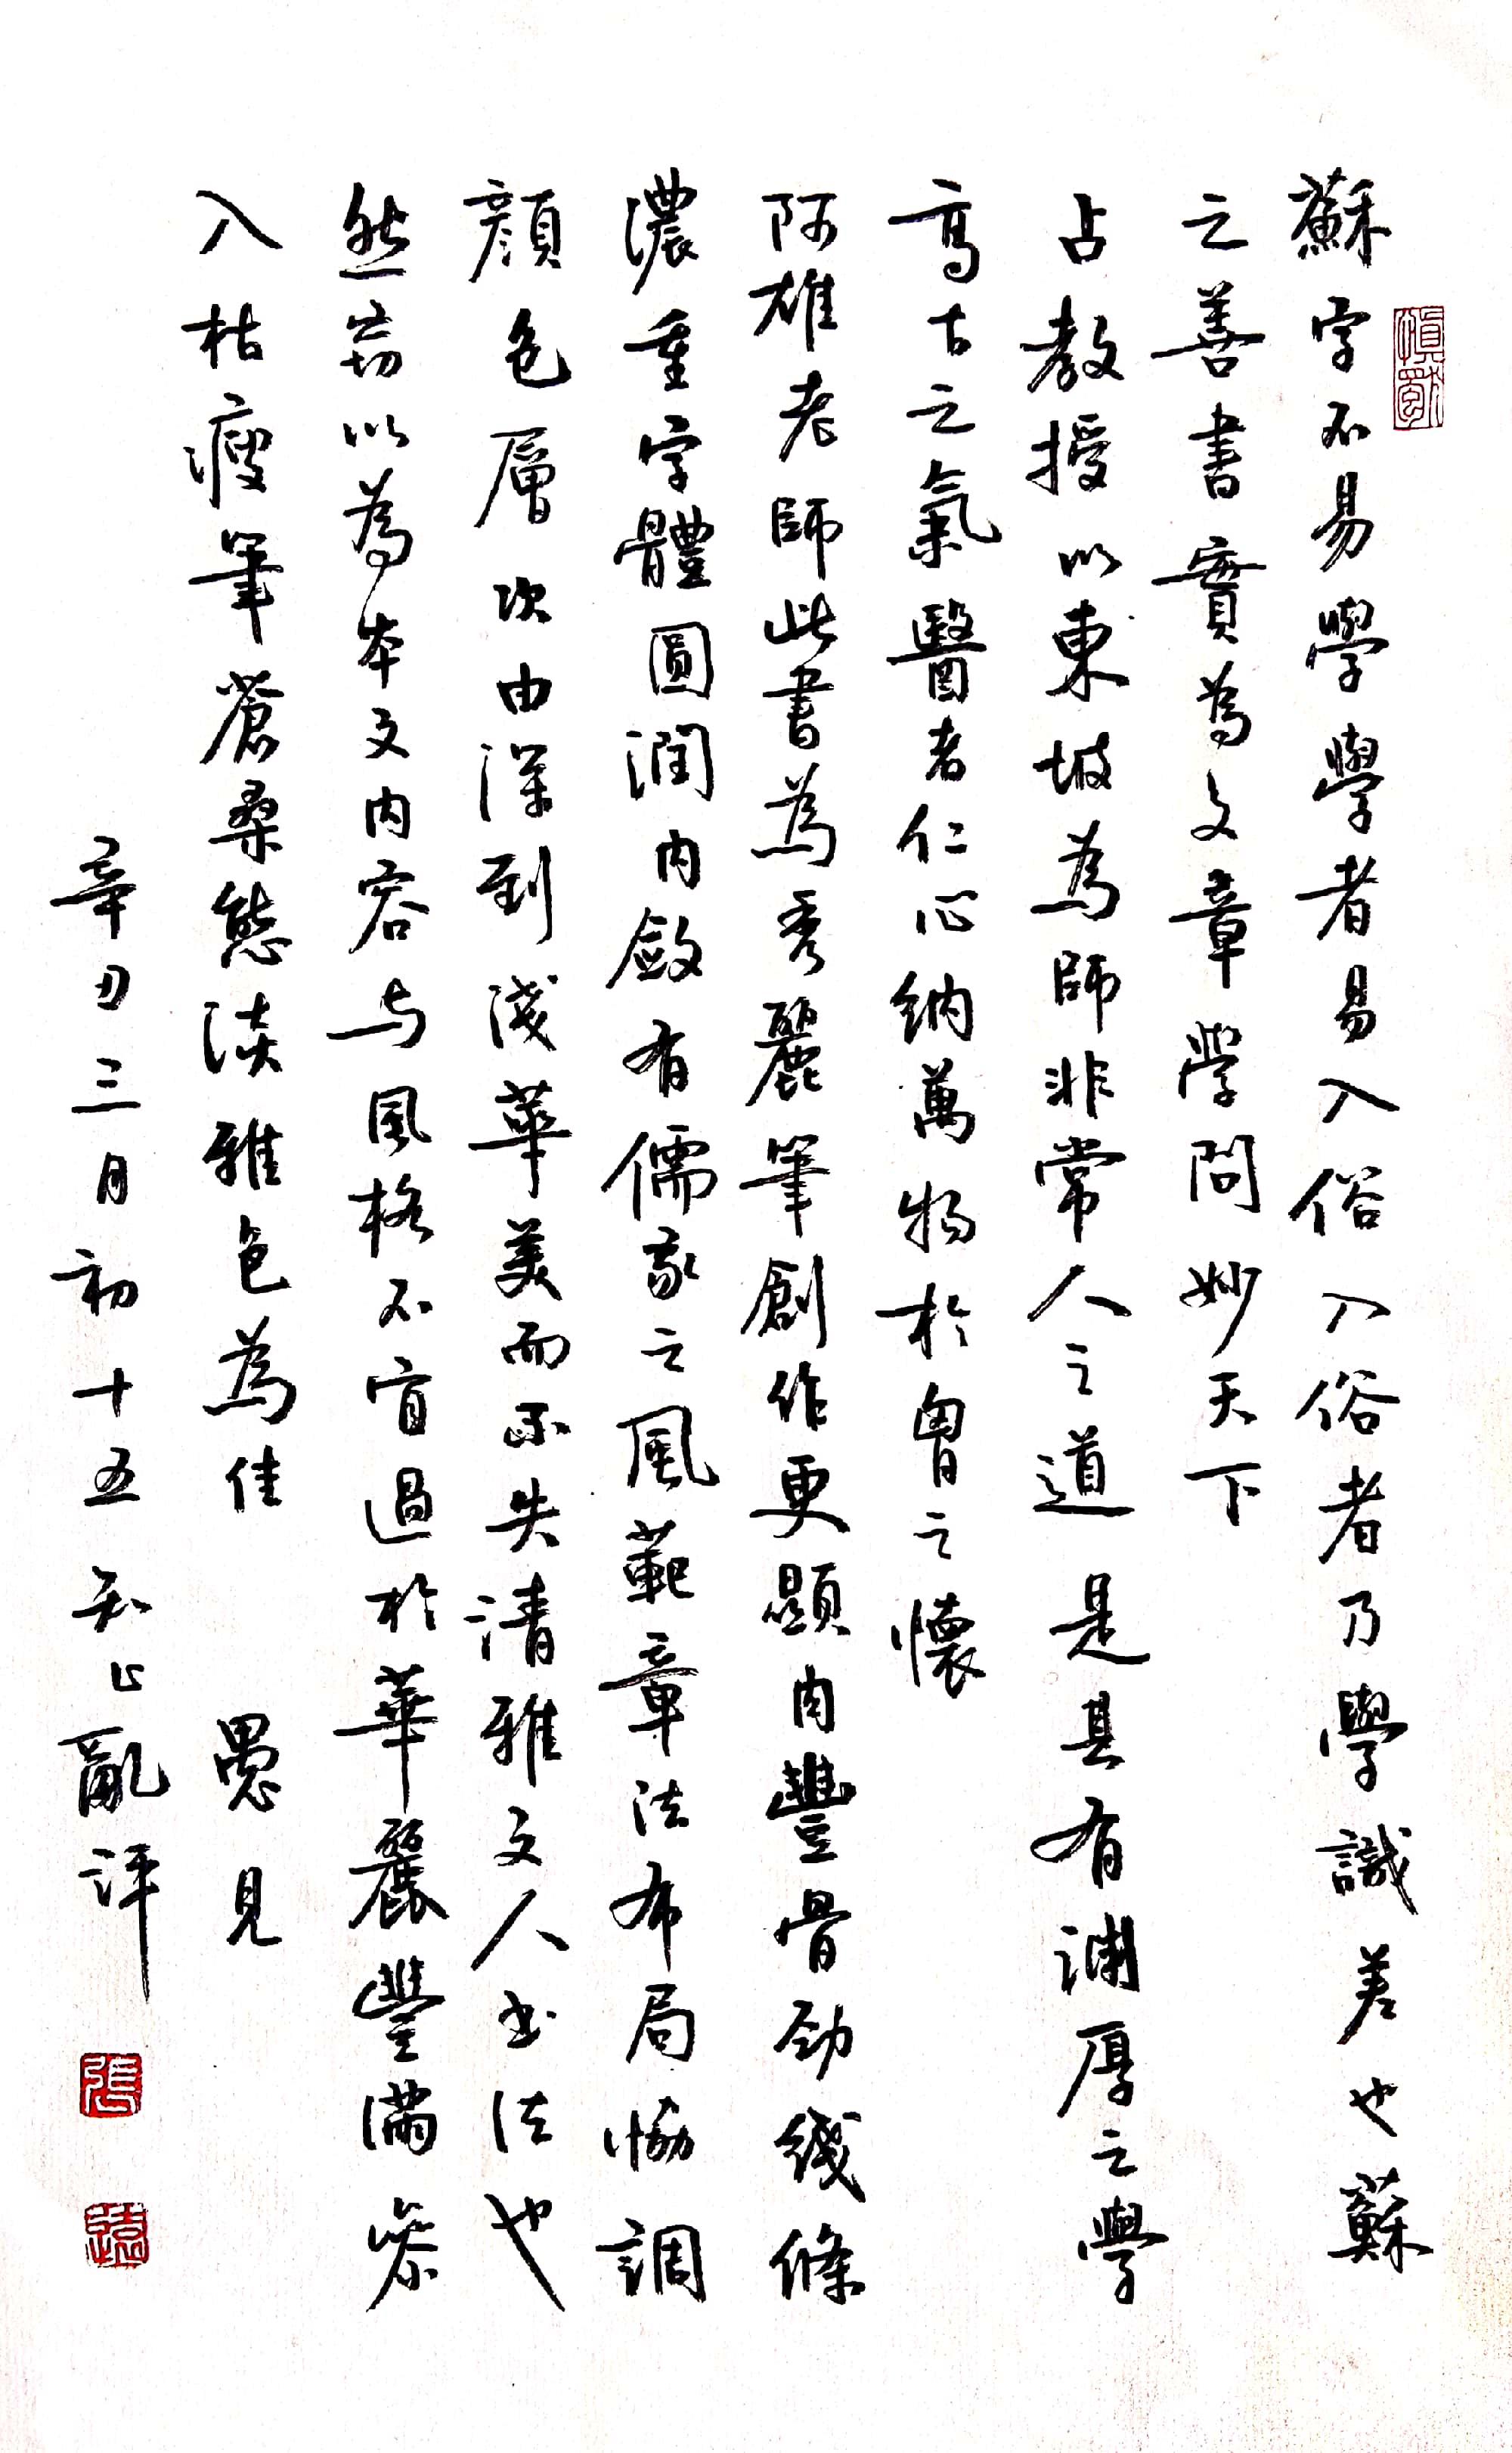 钢笔书法练字打卡20210427-24